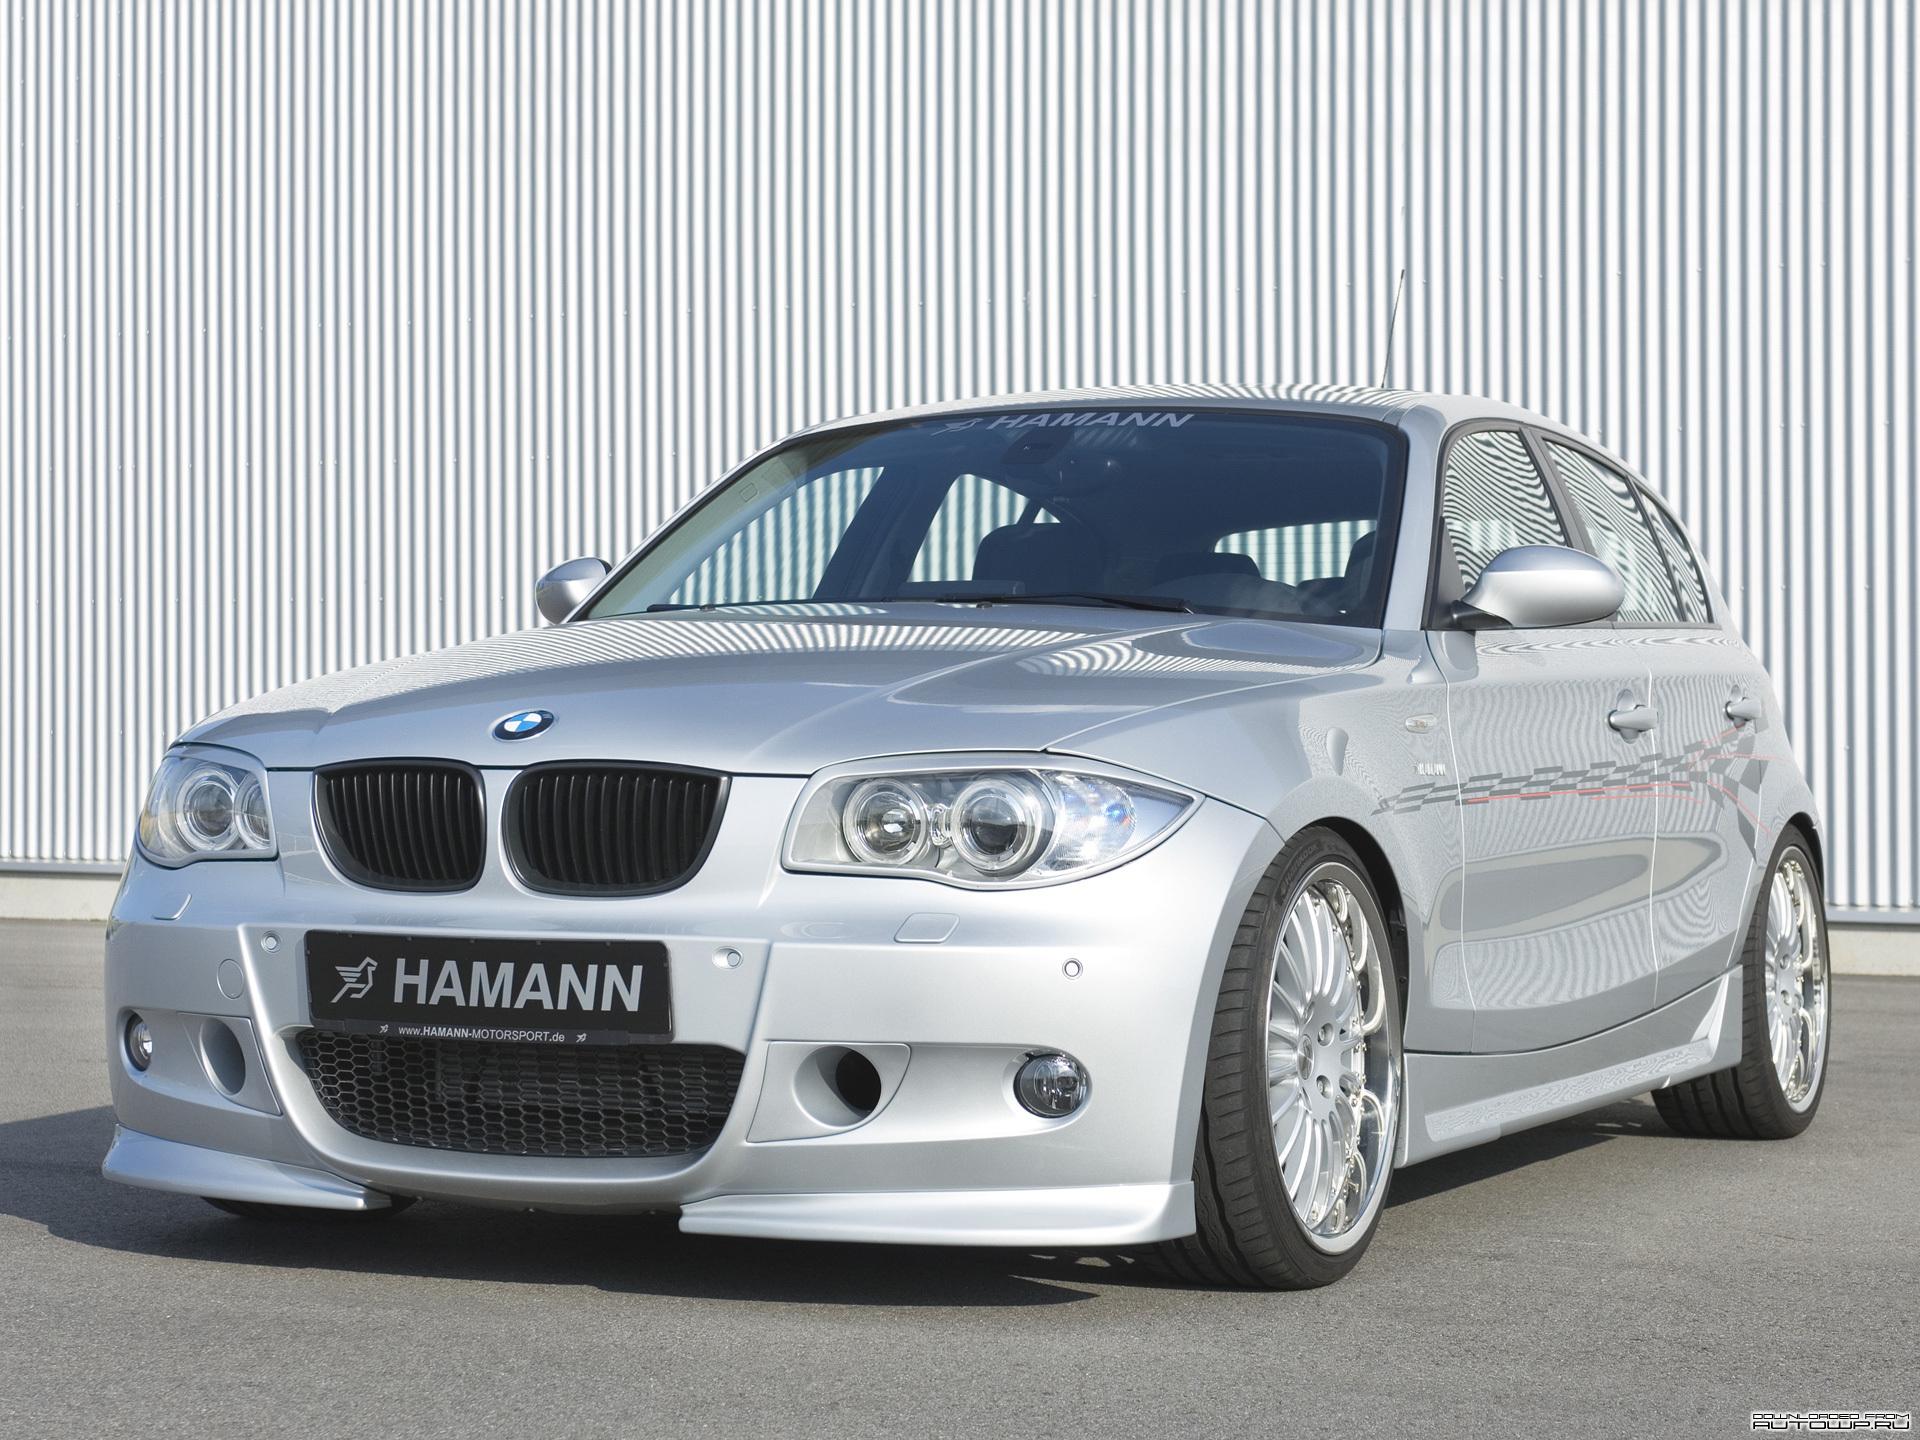 Hamann bmw 1 series 5 door e87 picture 59509 hamann for 1 series bmw 5 door